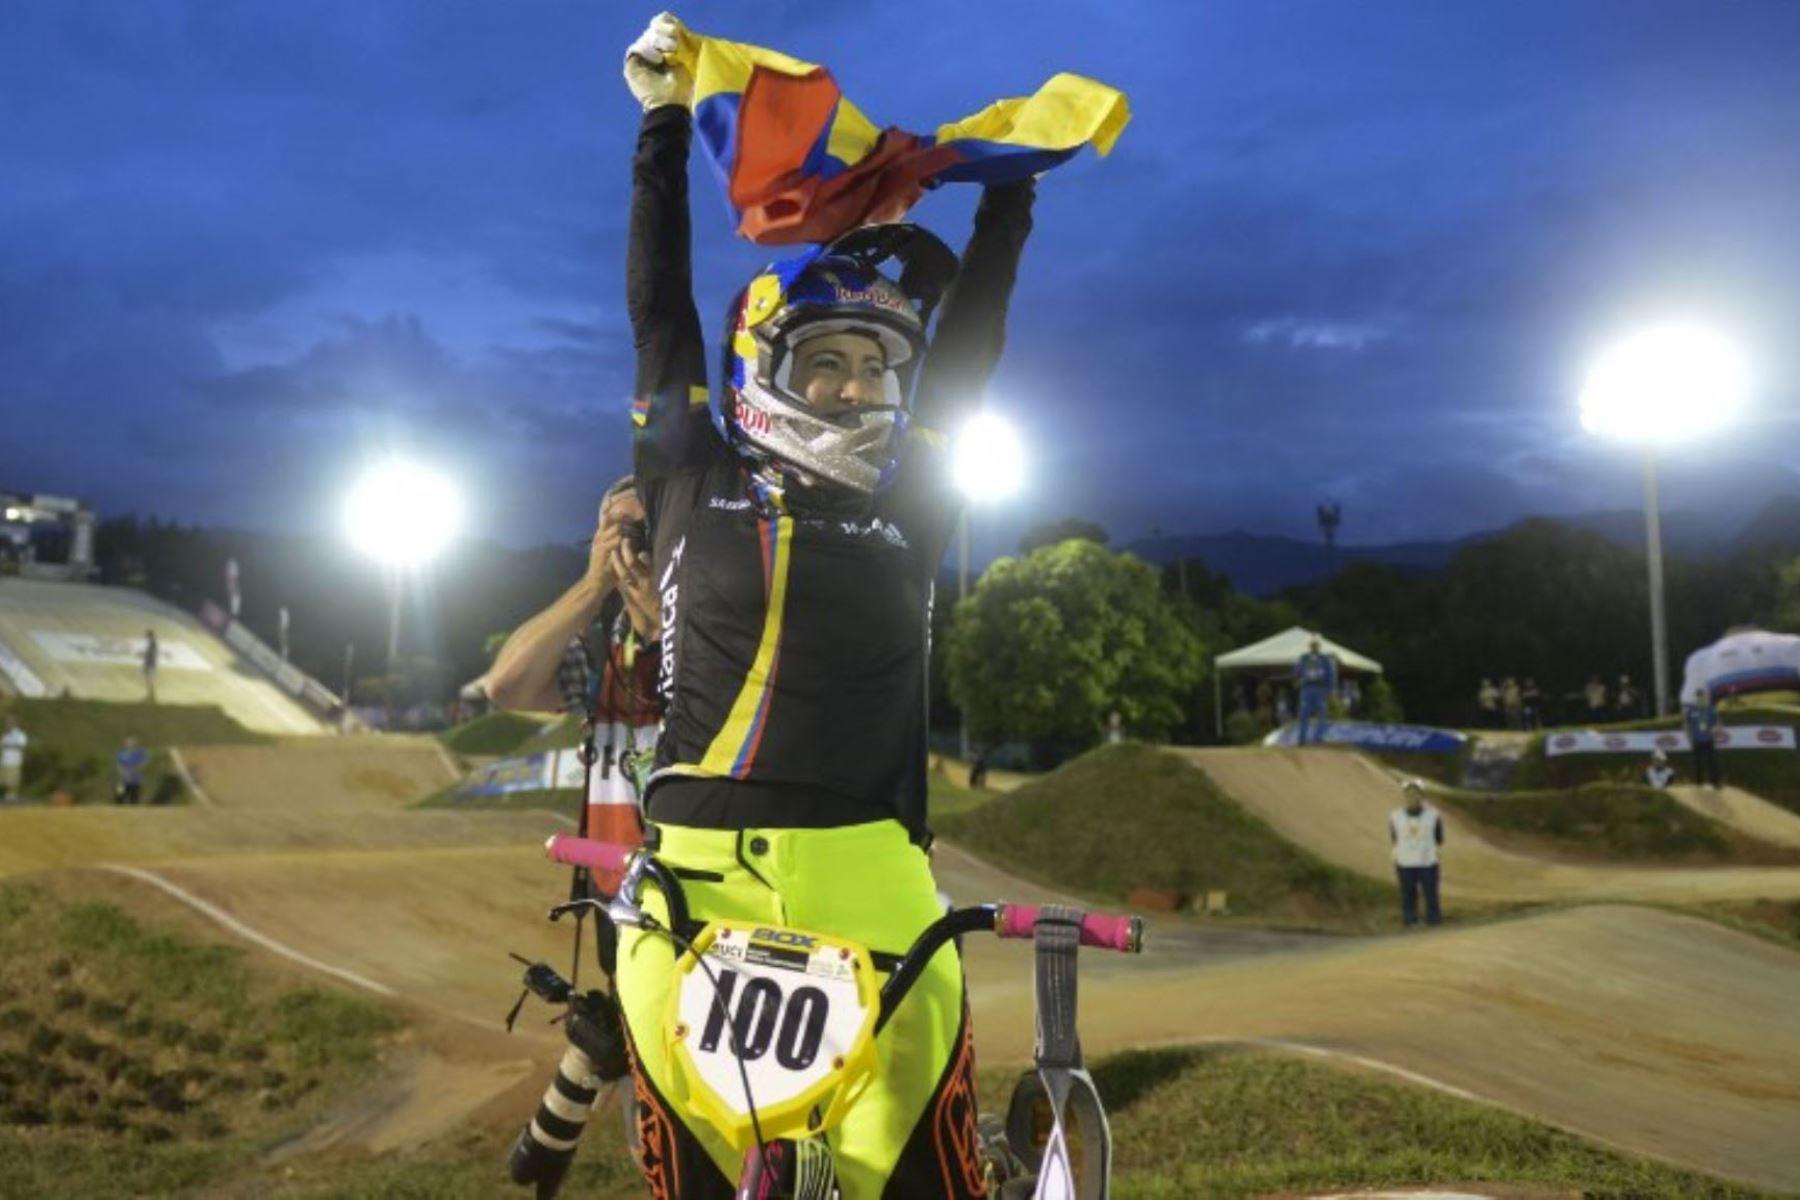 Colombianos que ganen oro en Tokio recibirán más de 56 mil dólares de premio